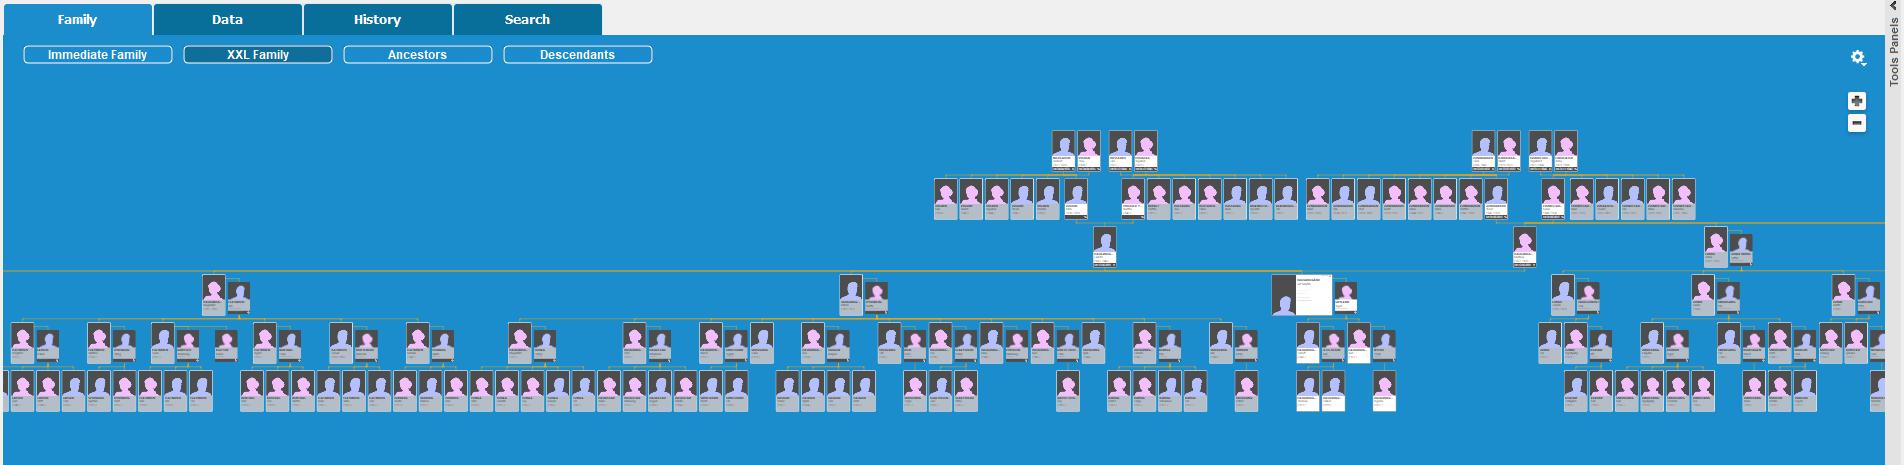 Utsnitt av interaktivt slektstre med 6 generasjoner og familier med opptil 13 barn (klikk for full størrelse)